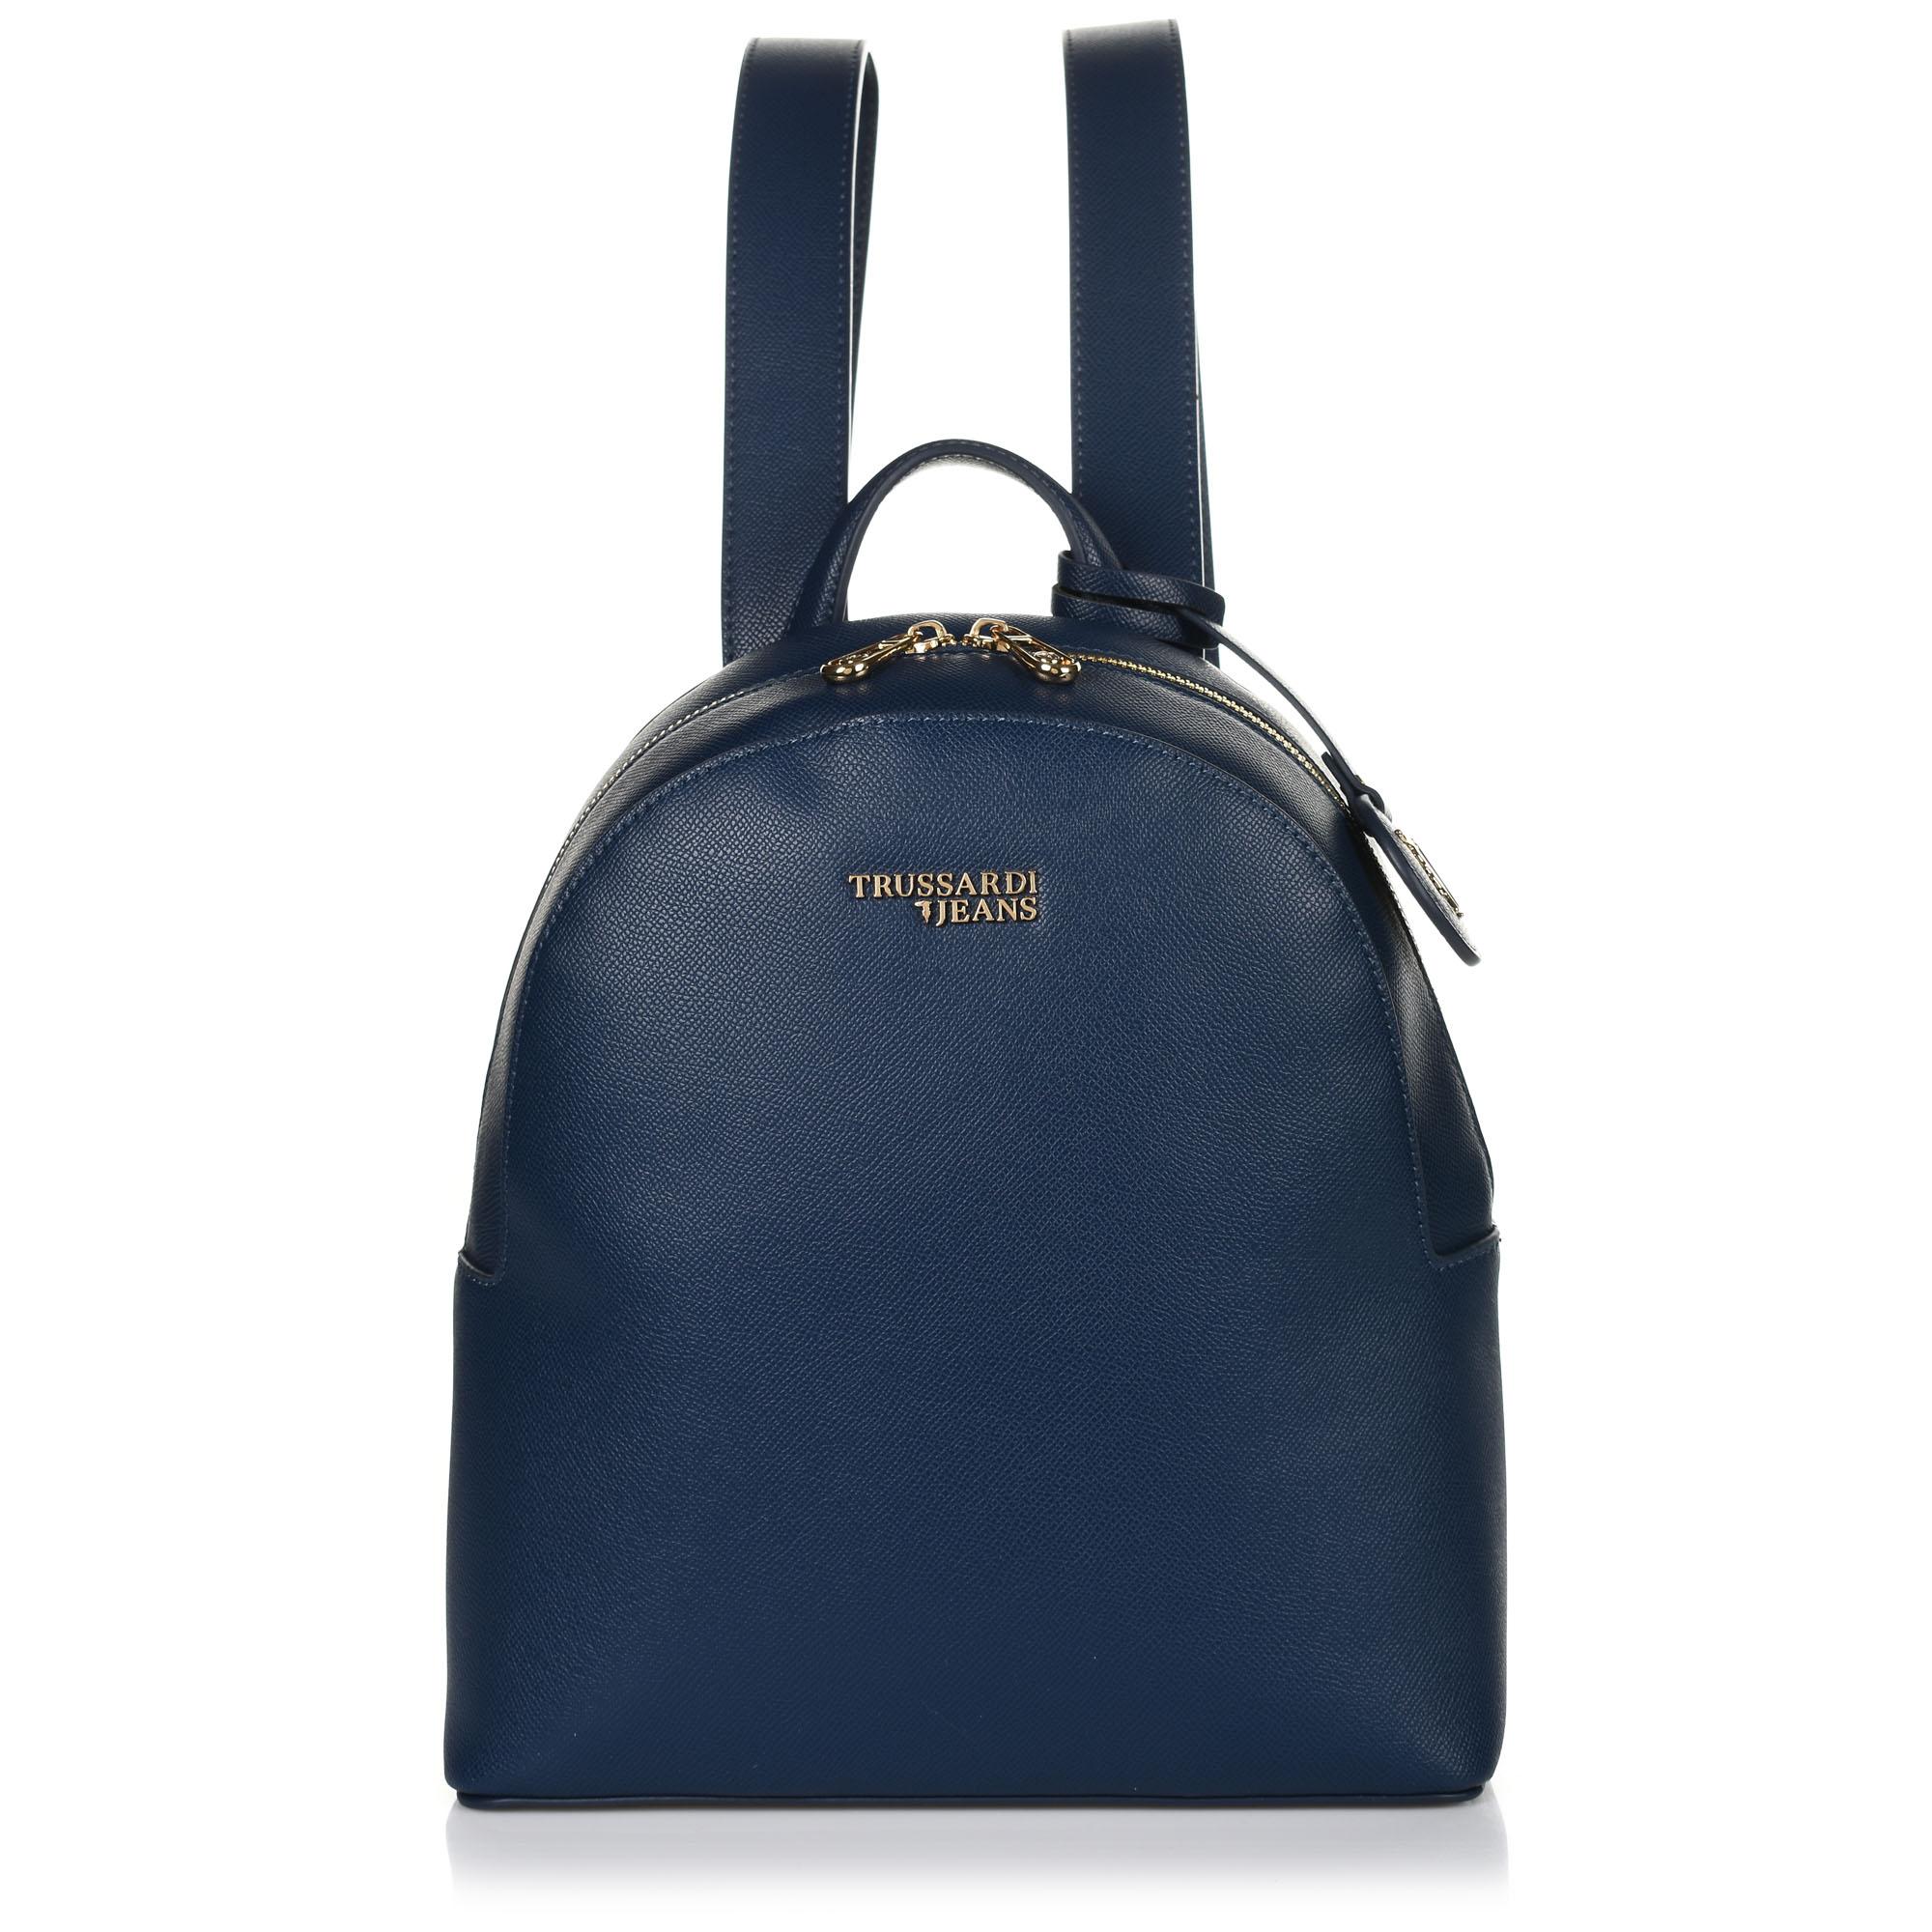 Σακίδιο Πλάτης Trussardi Jeans Τ-Easy Light Backpack Md Saffiano 75B00706